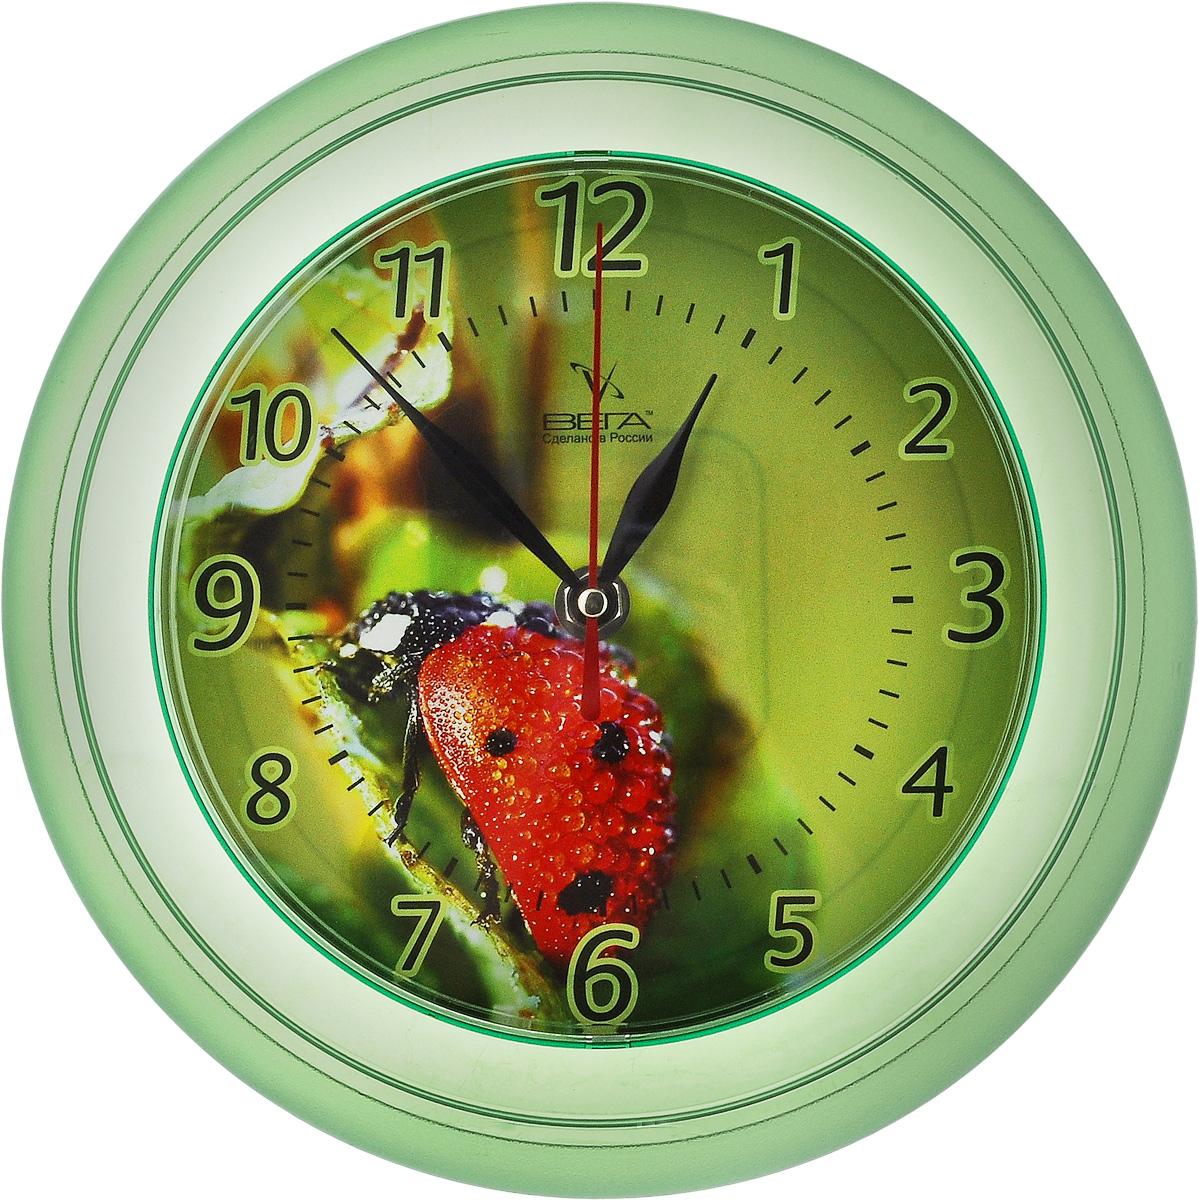 Часы настенные Вега Божья коровка, диаметр 22,5 смП6-3-2Настенные кварцевые часы Вега Божья коровка, изготовленные из пластика, прекрасно впишутся в интерьервашего дома. Круглые часы имеют три стрелки: часовую,минутную и секундную, циферблат защищен прозрачным стеклом.Часы работают от 1 батарейки типа АА напряжением 1,5 В (не входит в комплект).Диаметр часов: 22,5 см.